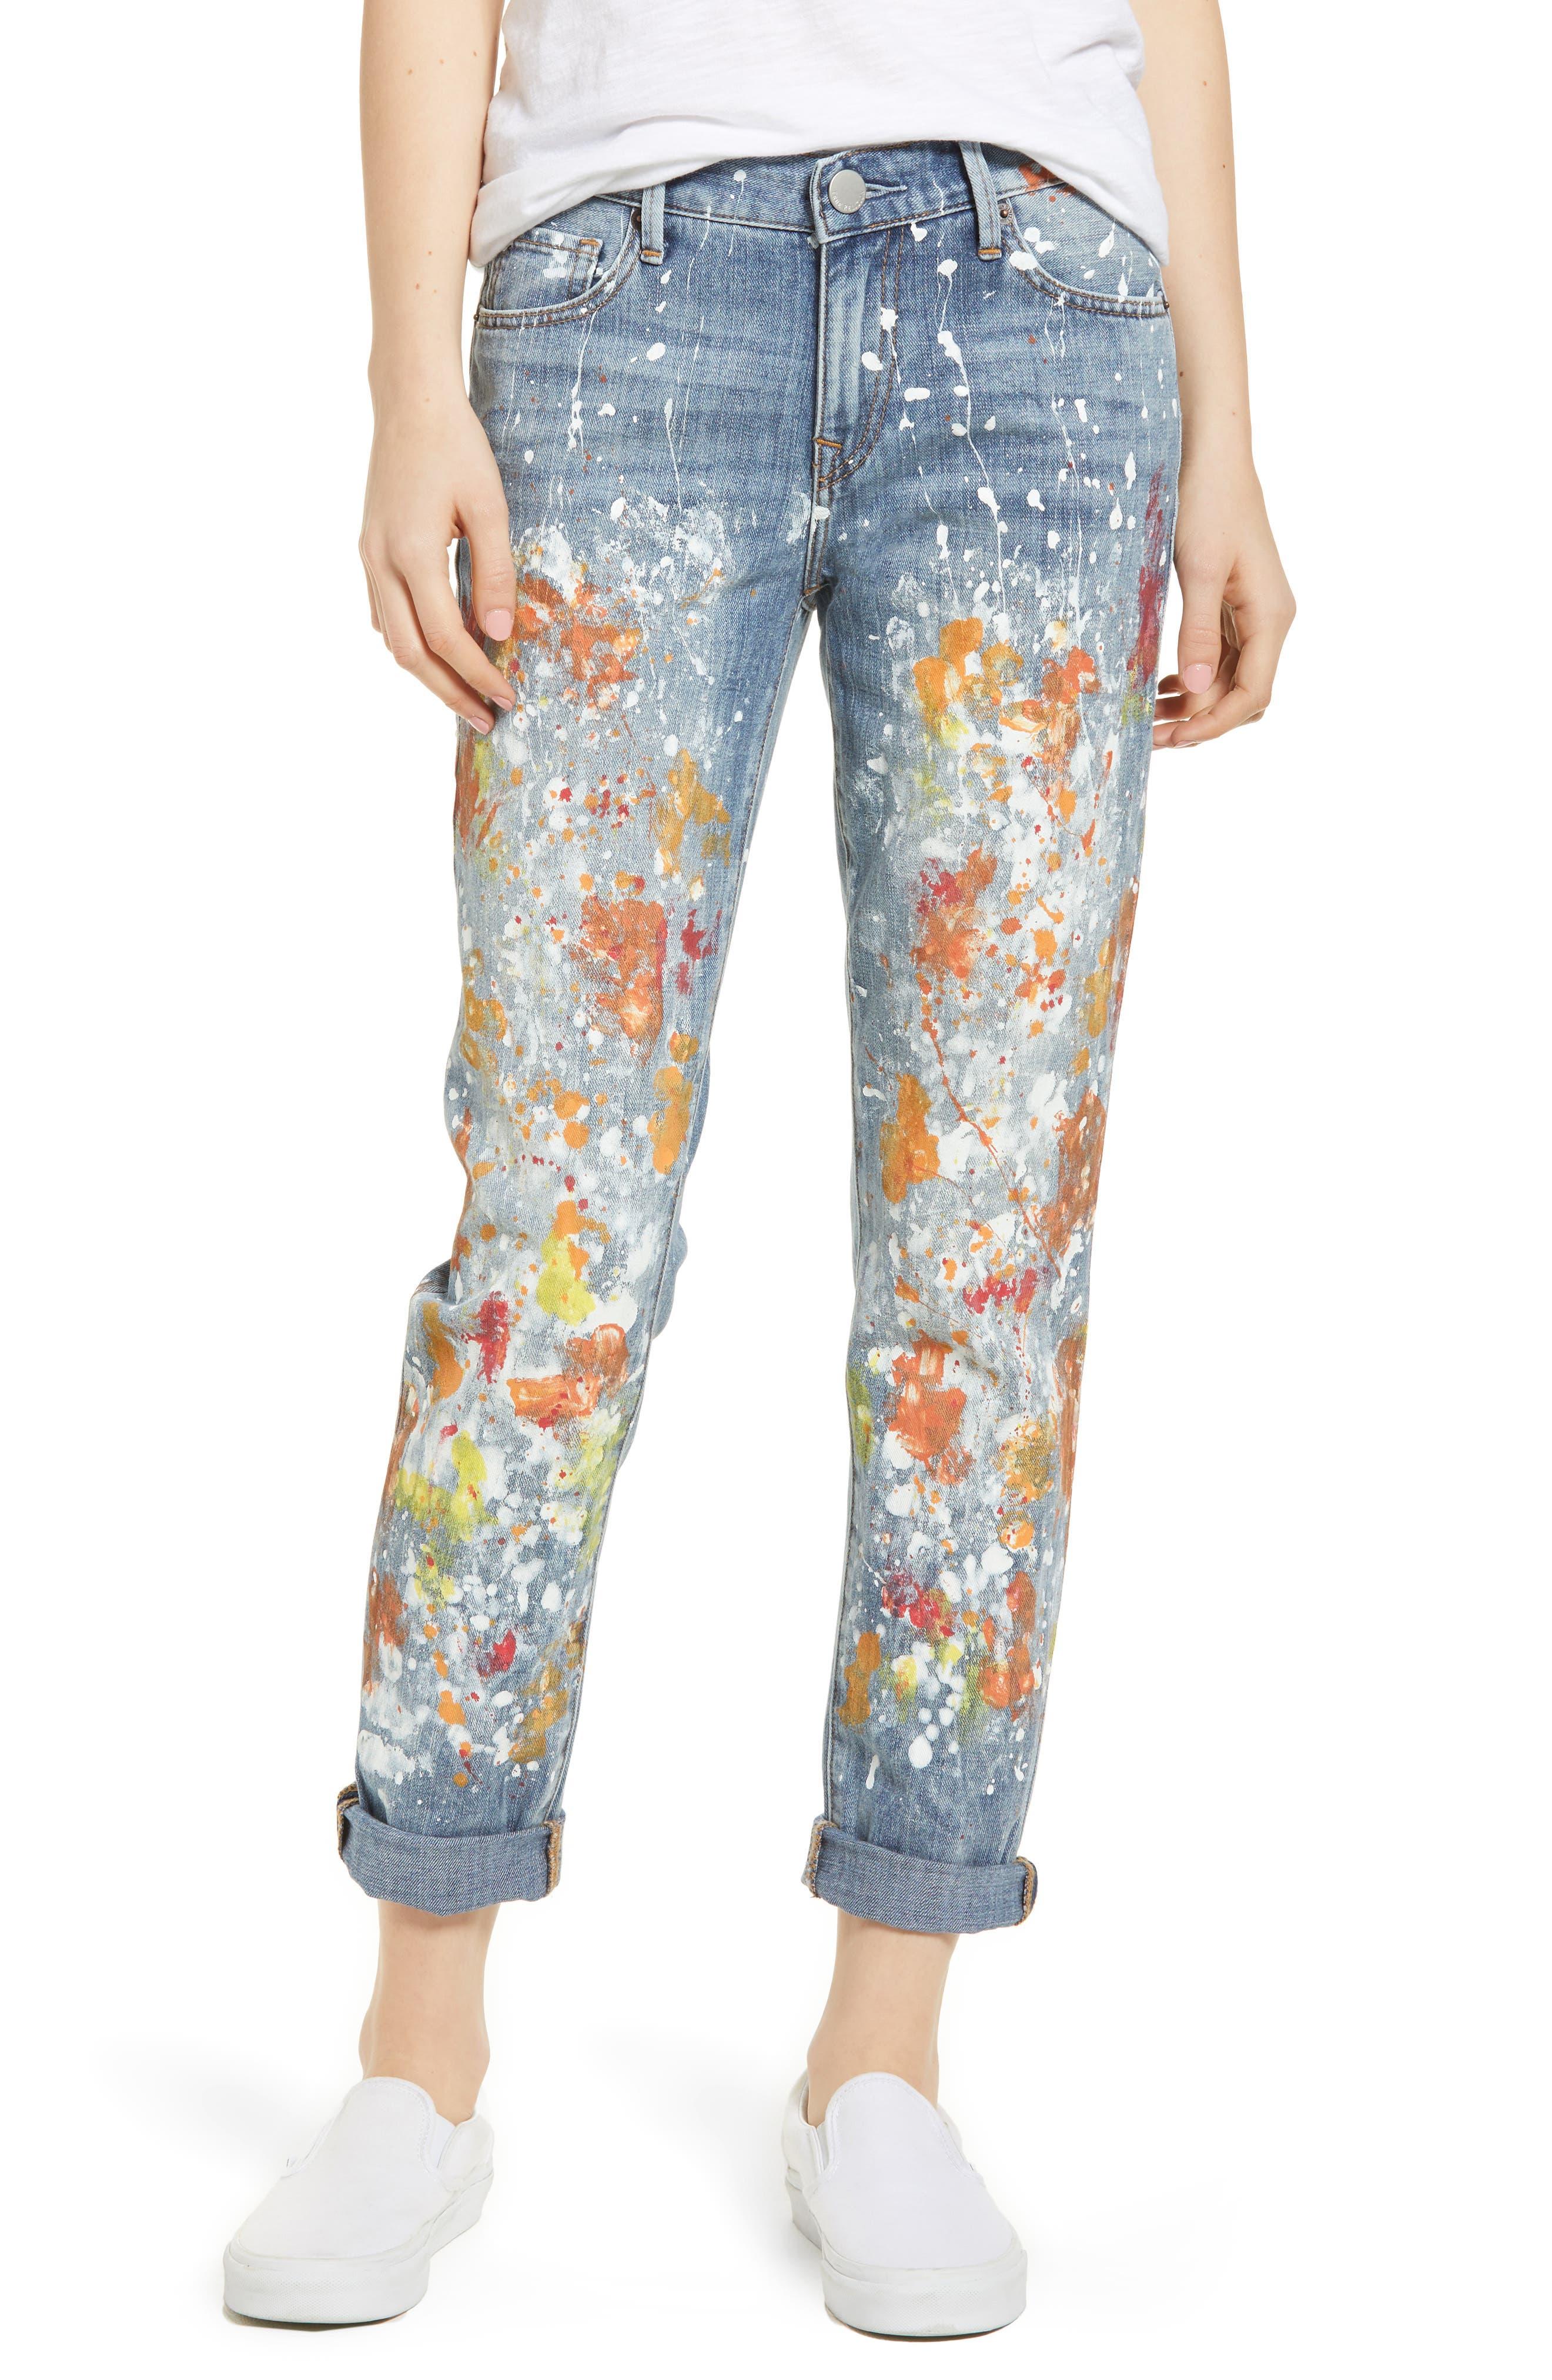 Cameron Slim Boyfriend Jeans,                         Main,                         color, Erwm Popm Art